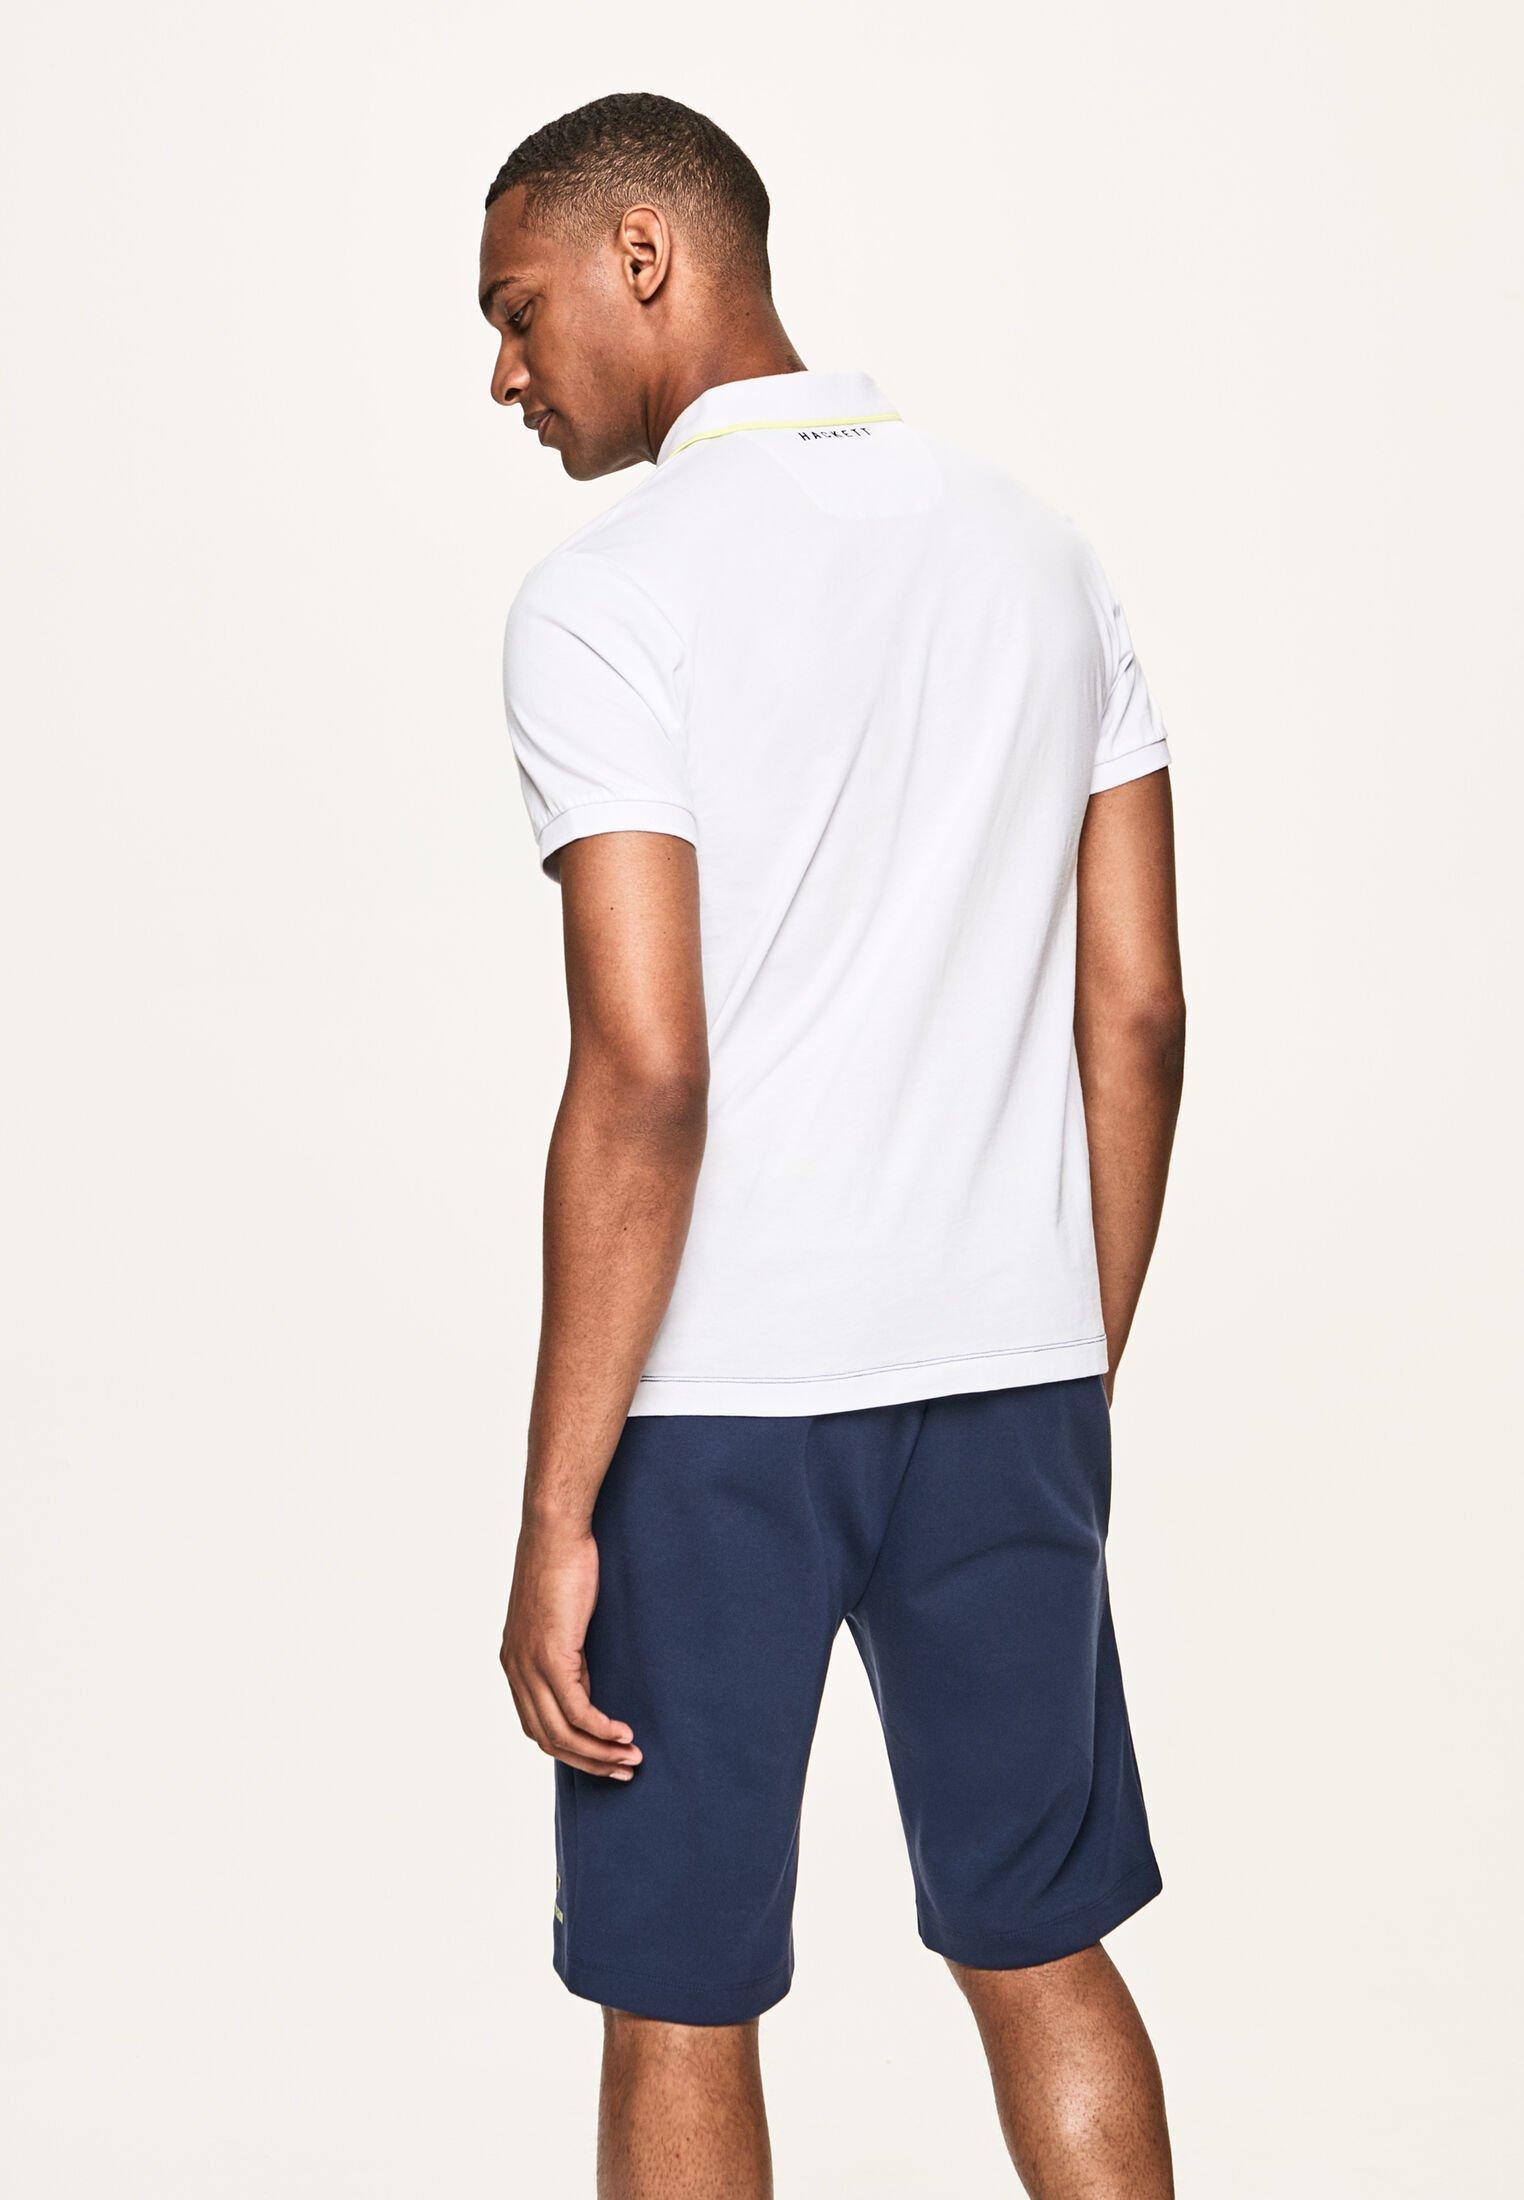 Hackett London Polo shirt - white/navy XMLL0